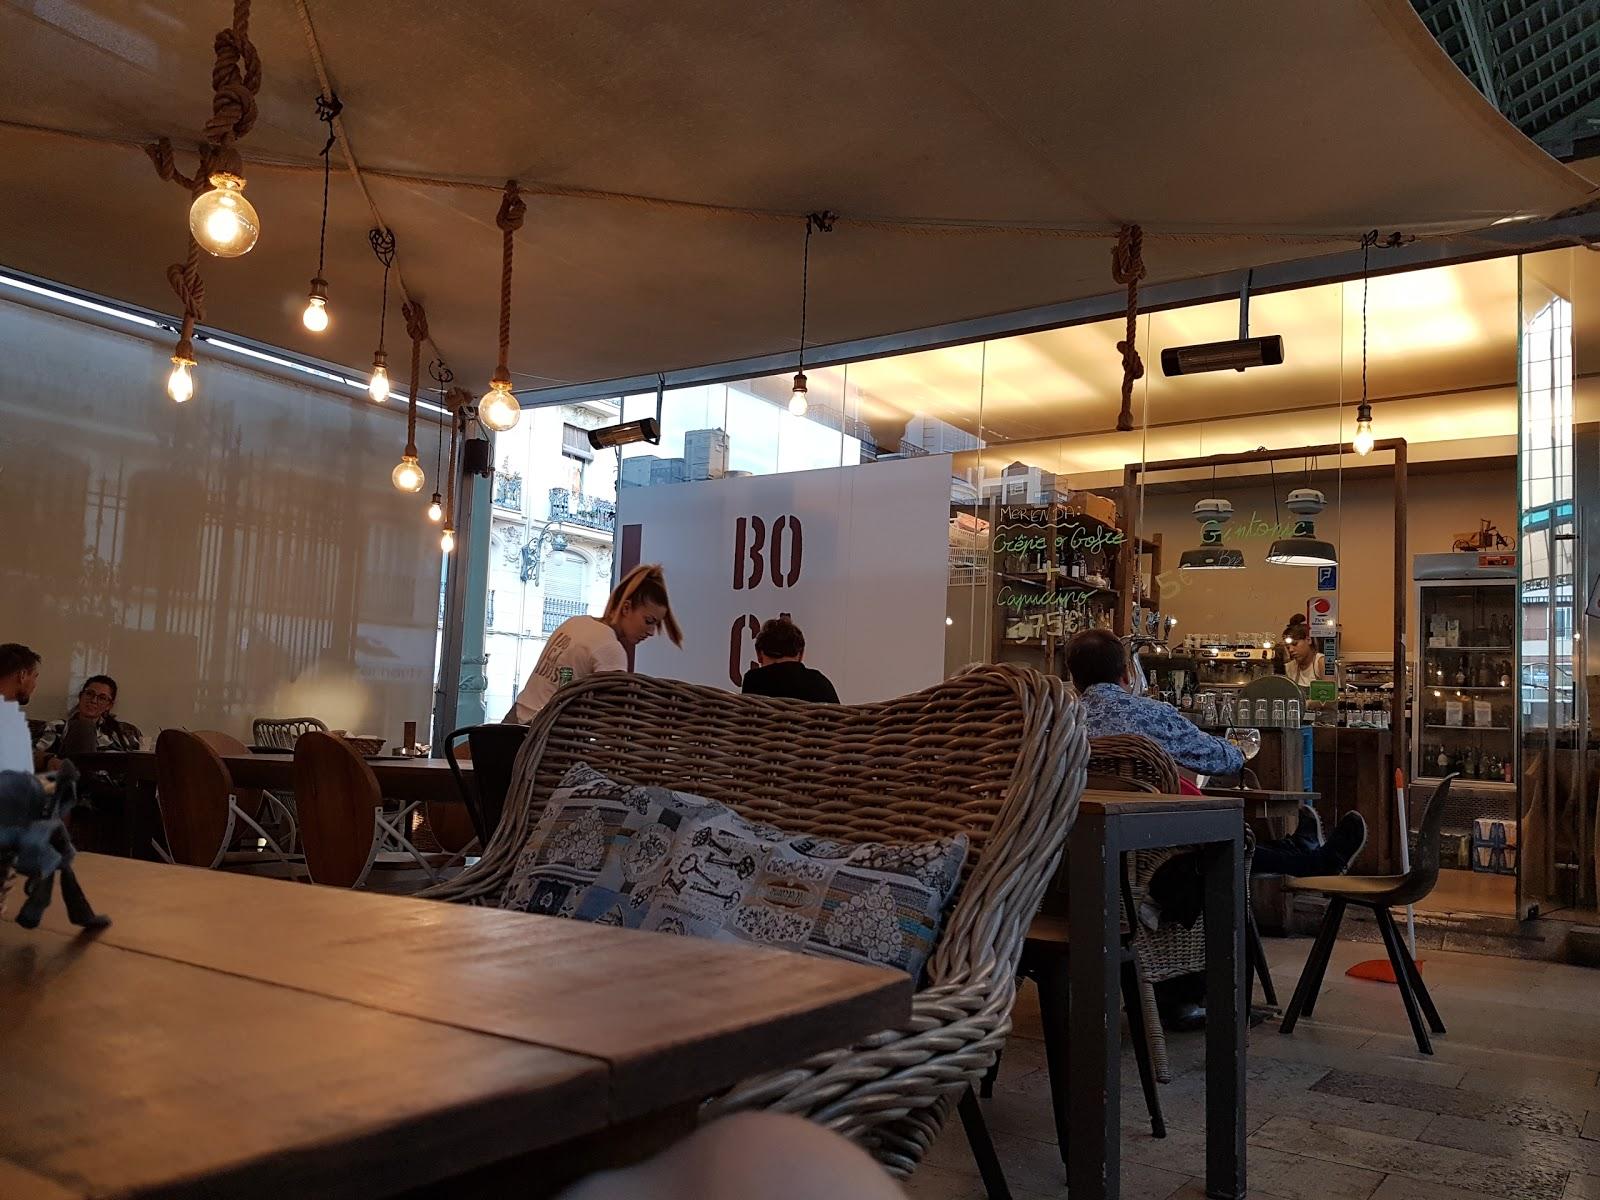 Bocados Café: A Work-Friendly Place in Valencia